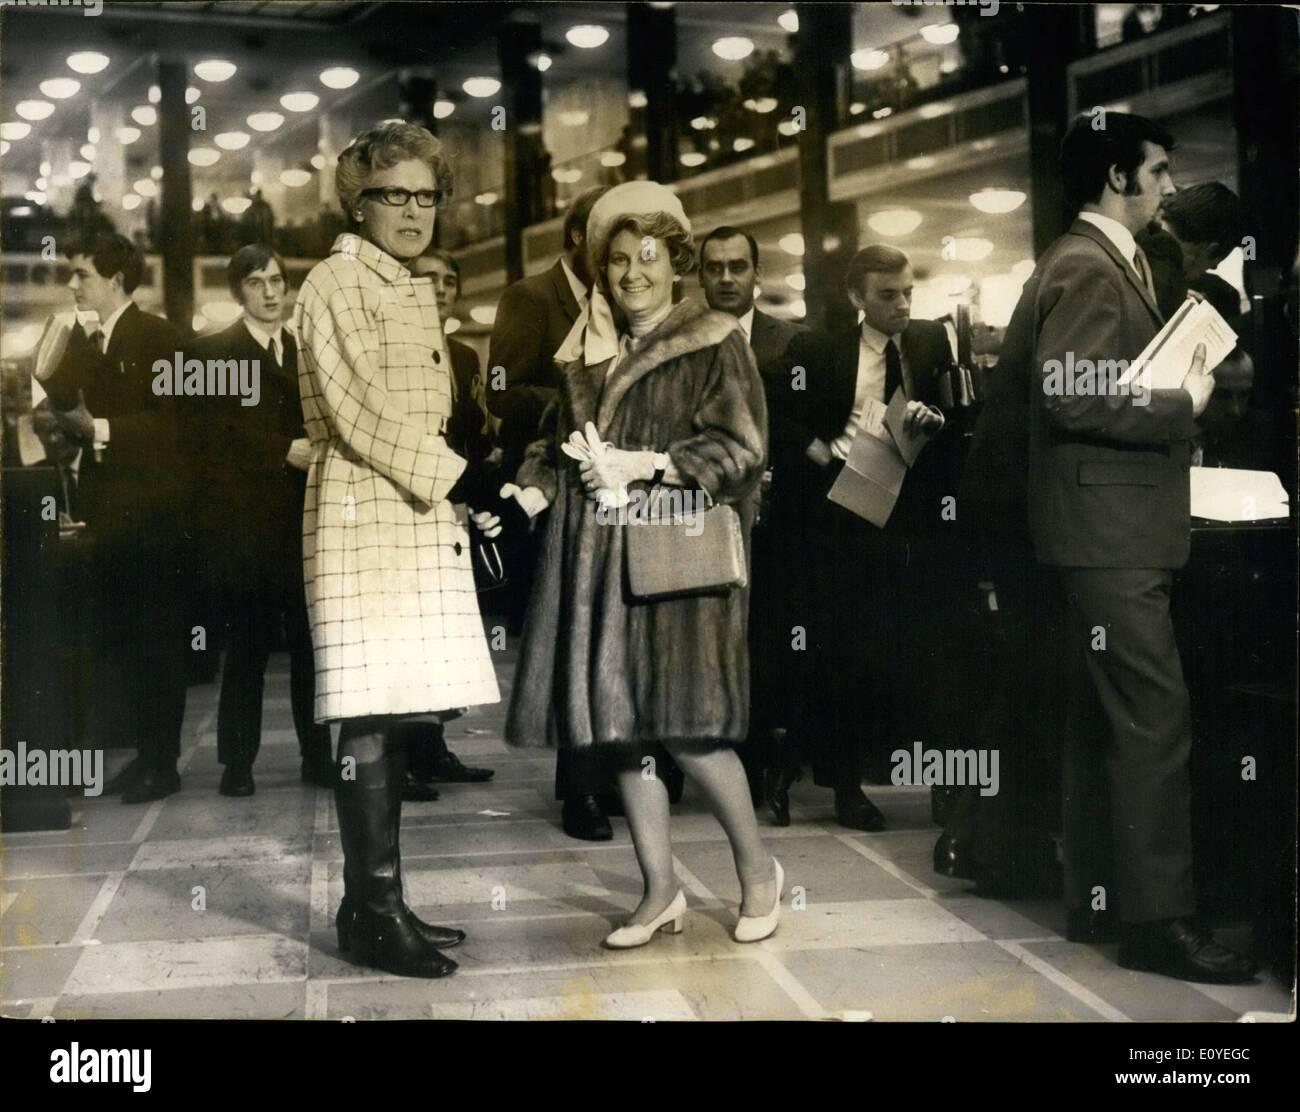 01 janvier 1970 - Femmes devient membres de LLyods: l'histoire a été faite aujourd'hui - Jour de l'An lorsque les 46 femmes qui ont été élues, devient officiellement membres de la Lloyds, la plus grande société d'assurance. Photo: Mme Margery Hurst, président de la commune de Brook Street, Mayfair vu tenant son premier glissement - délais d'aujourd'hui à la Lloyds. Photo Stock